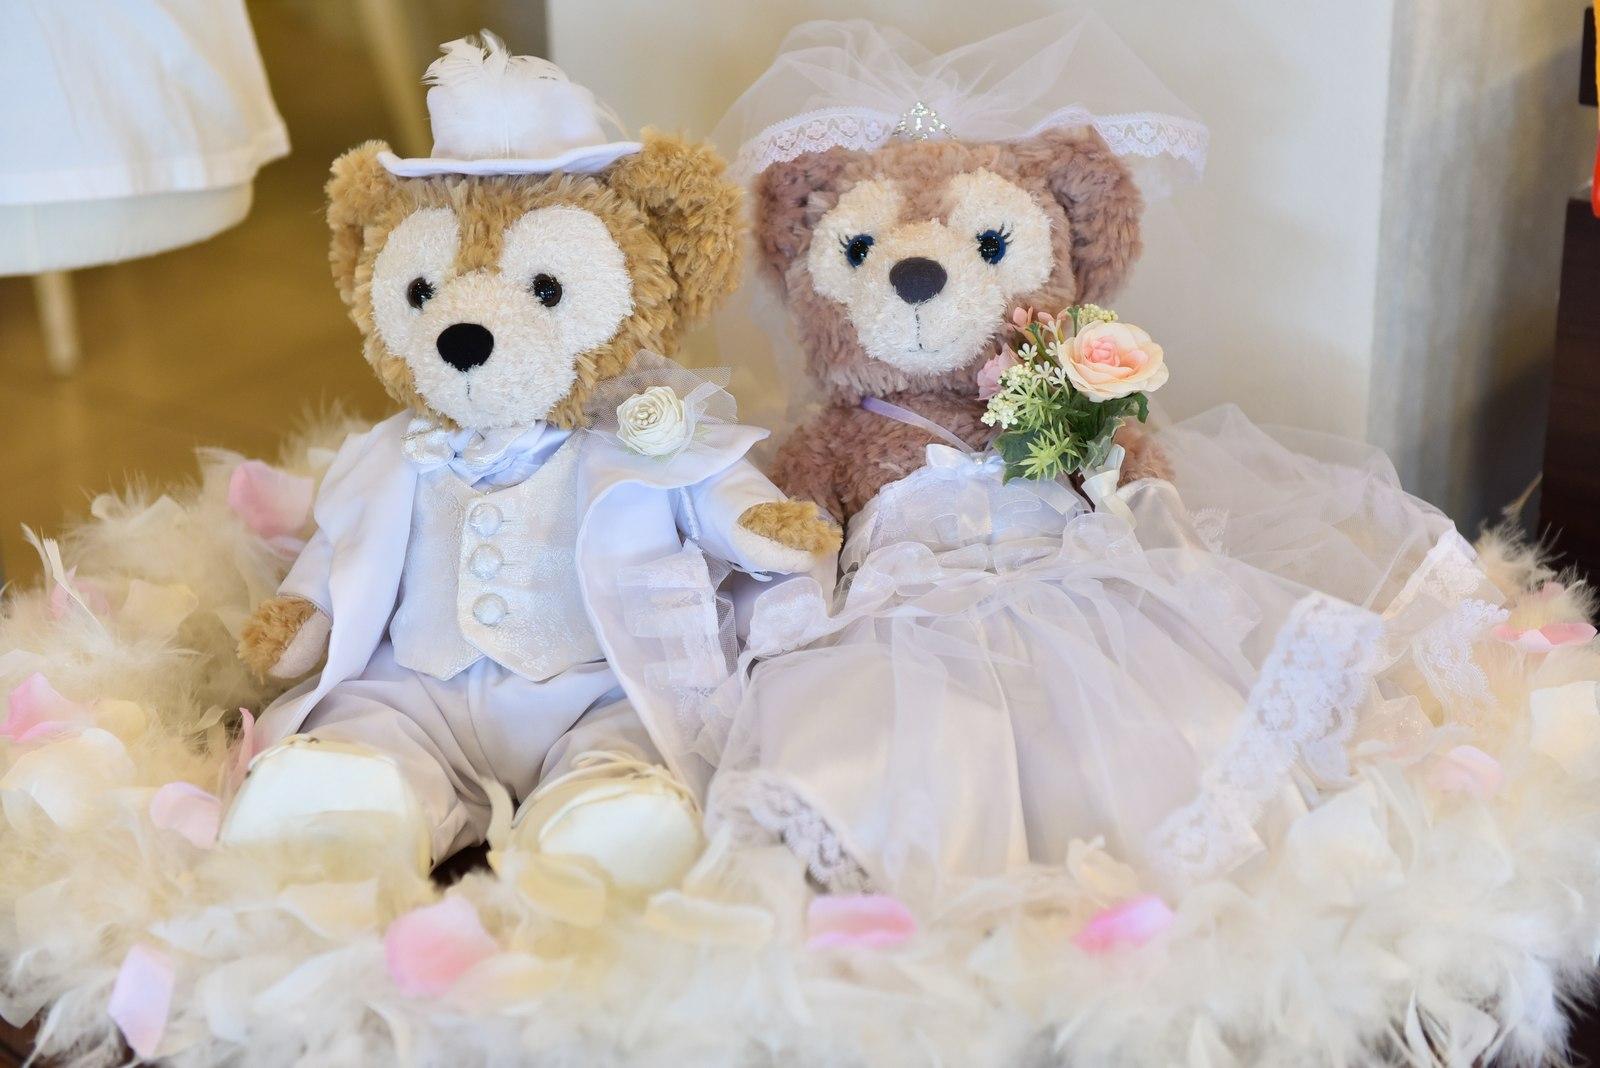 香川県の結婚式場のシェルエメール&アイスタイルのウェルカムドール